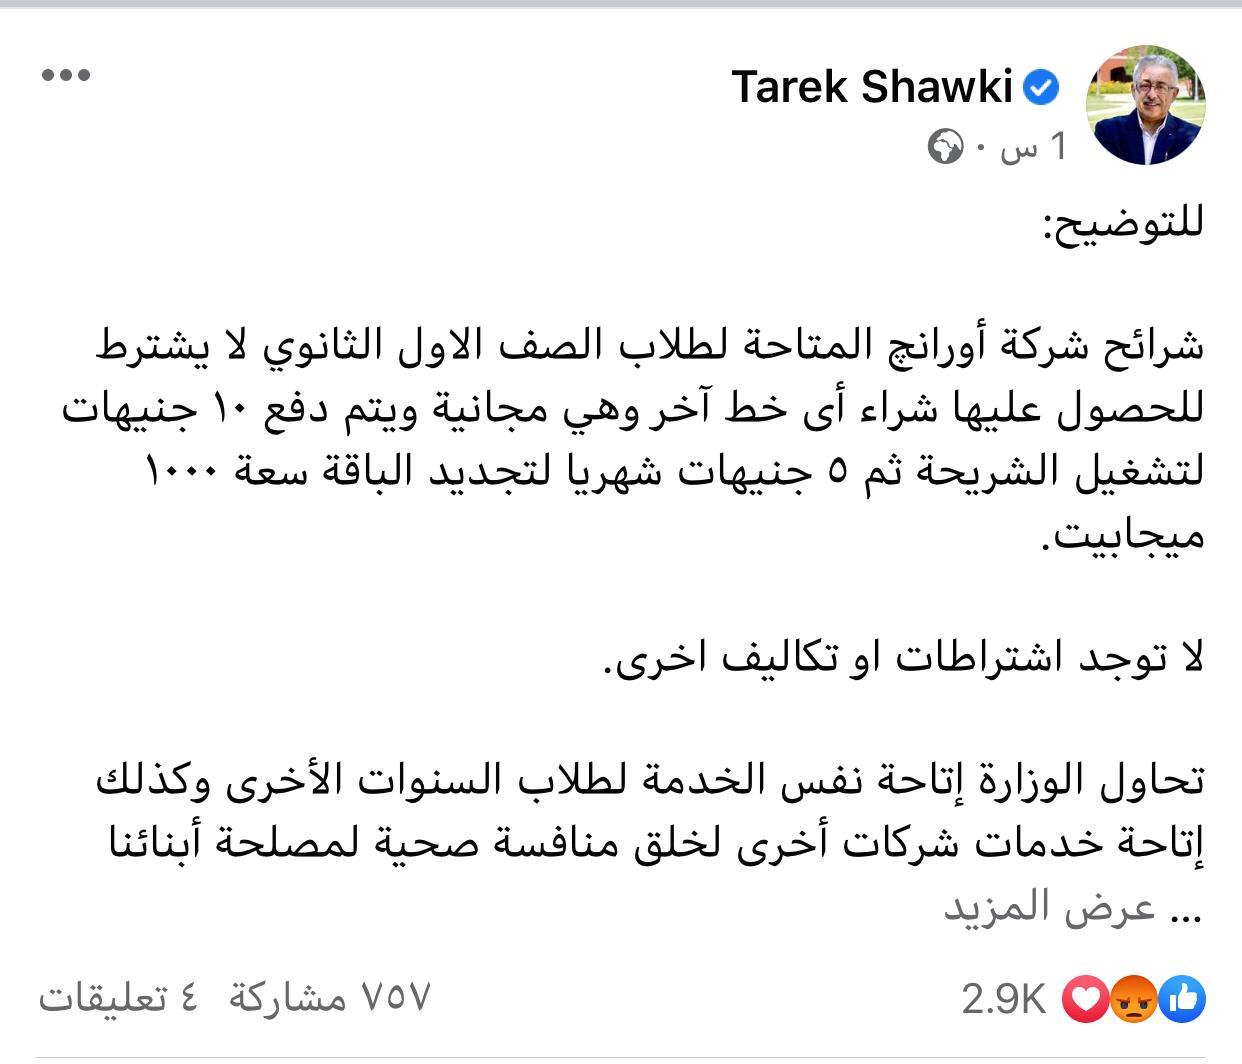 وزير التعليم يوضح حقيقة بيع شرائح تابلت الثانوية العامة